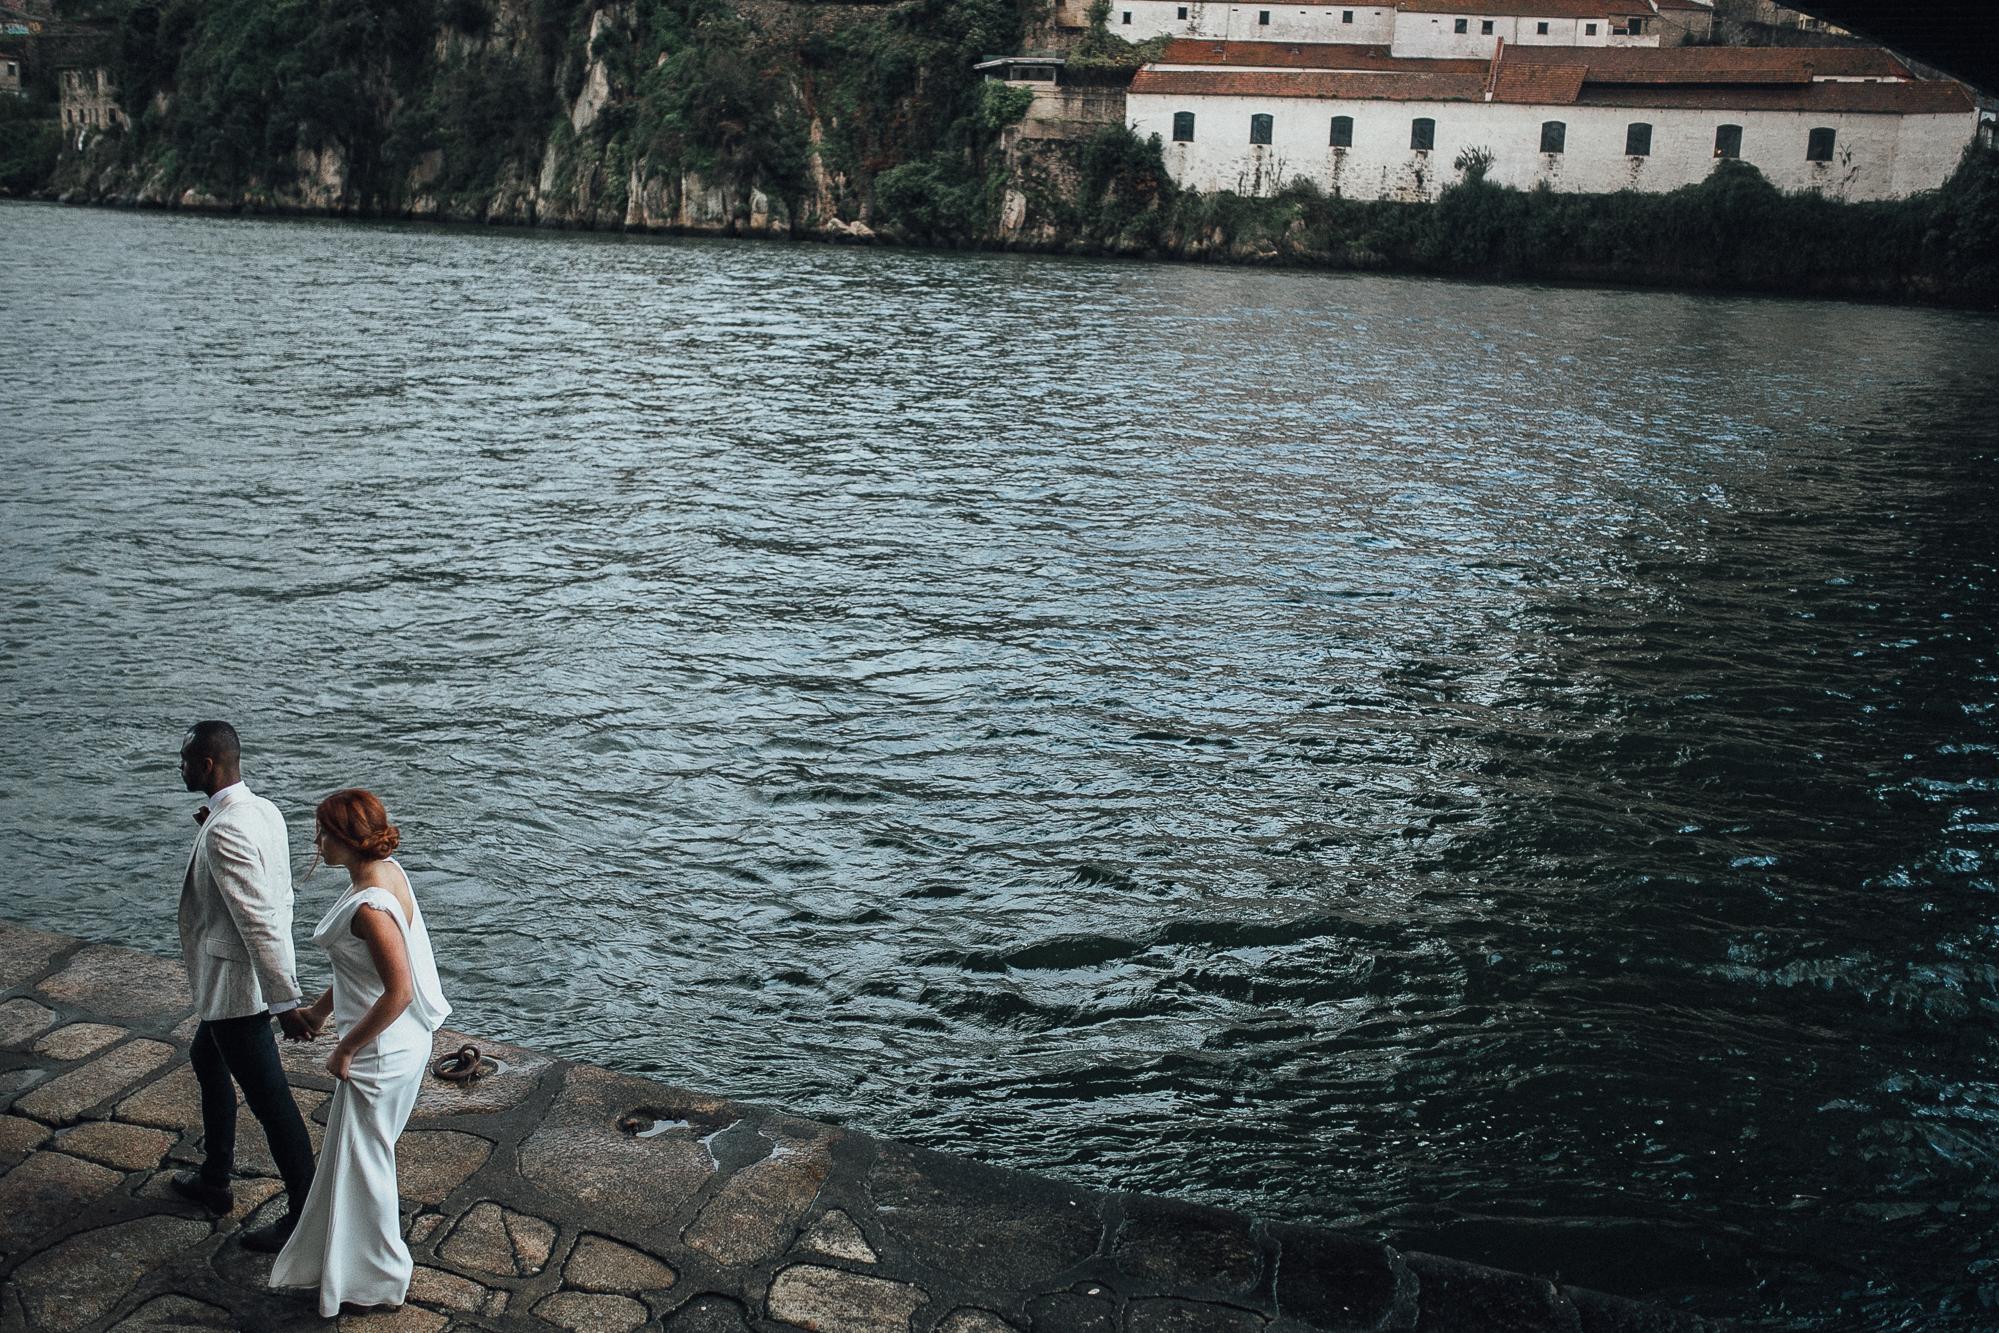 fotografo_de bodas_portugal_alfonso_flores-8046.jpg